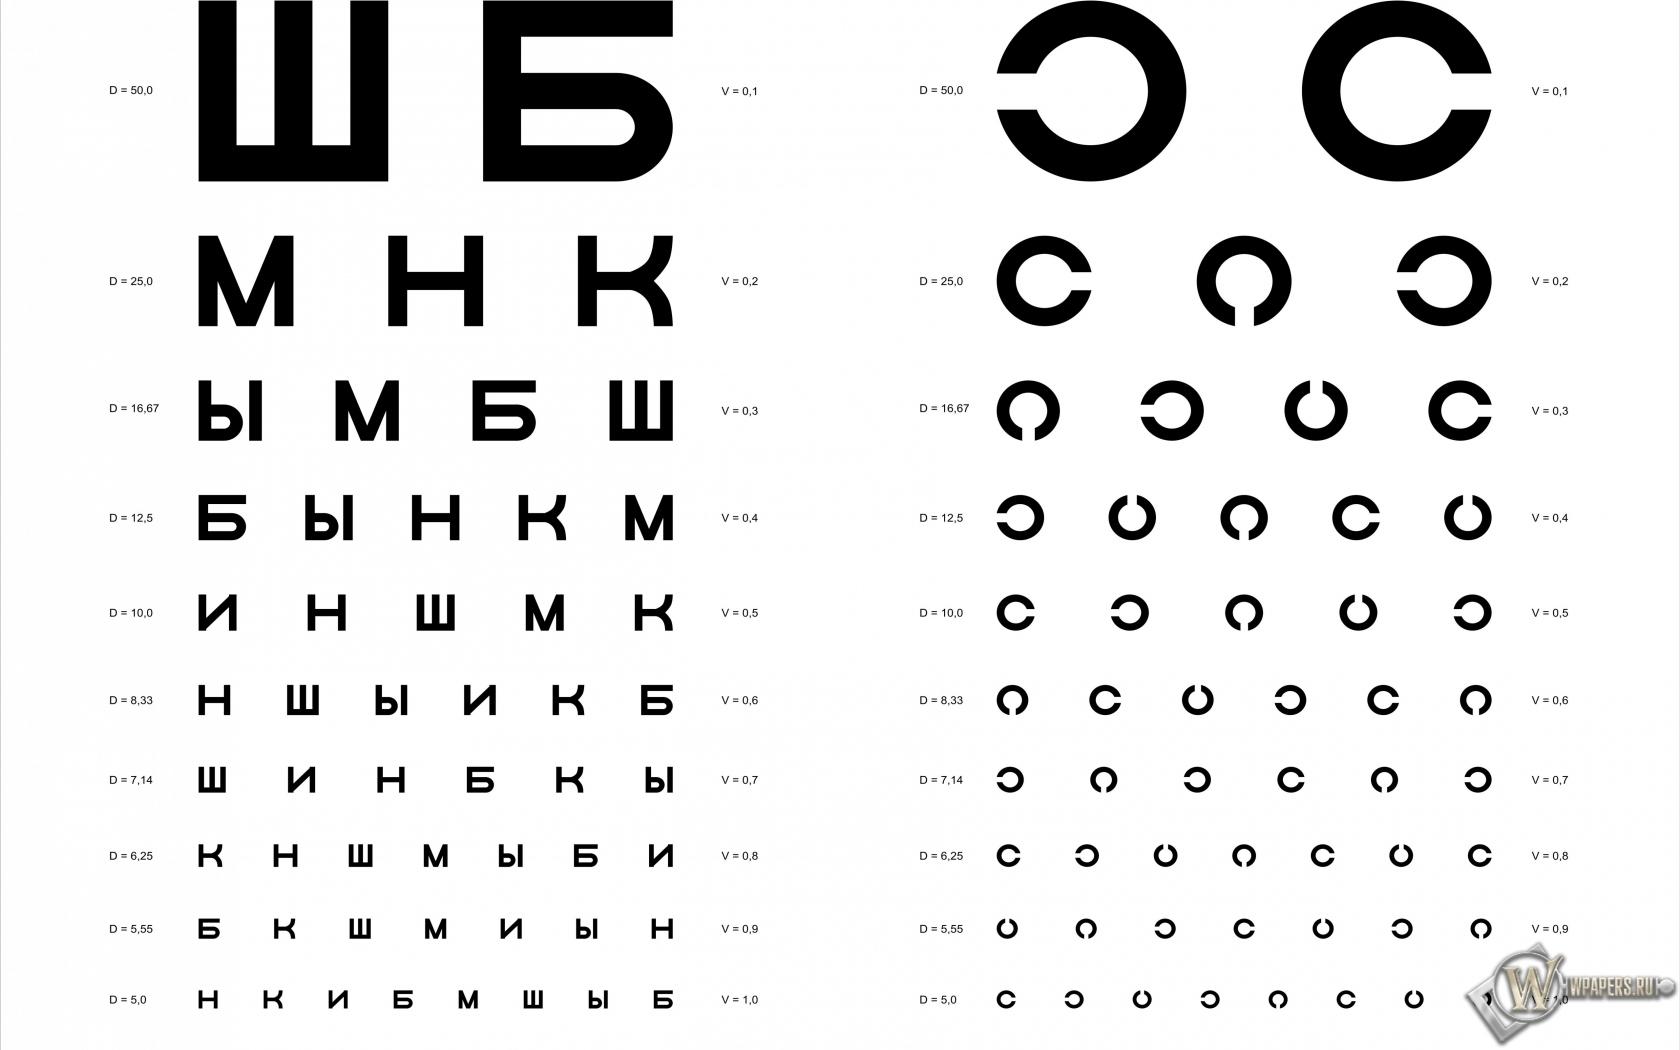 Таблица Д.А. Сивцева для проверки зрения 1680x1050